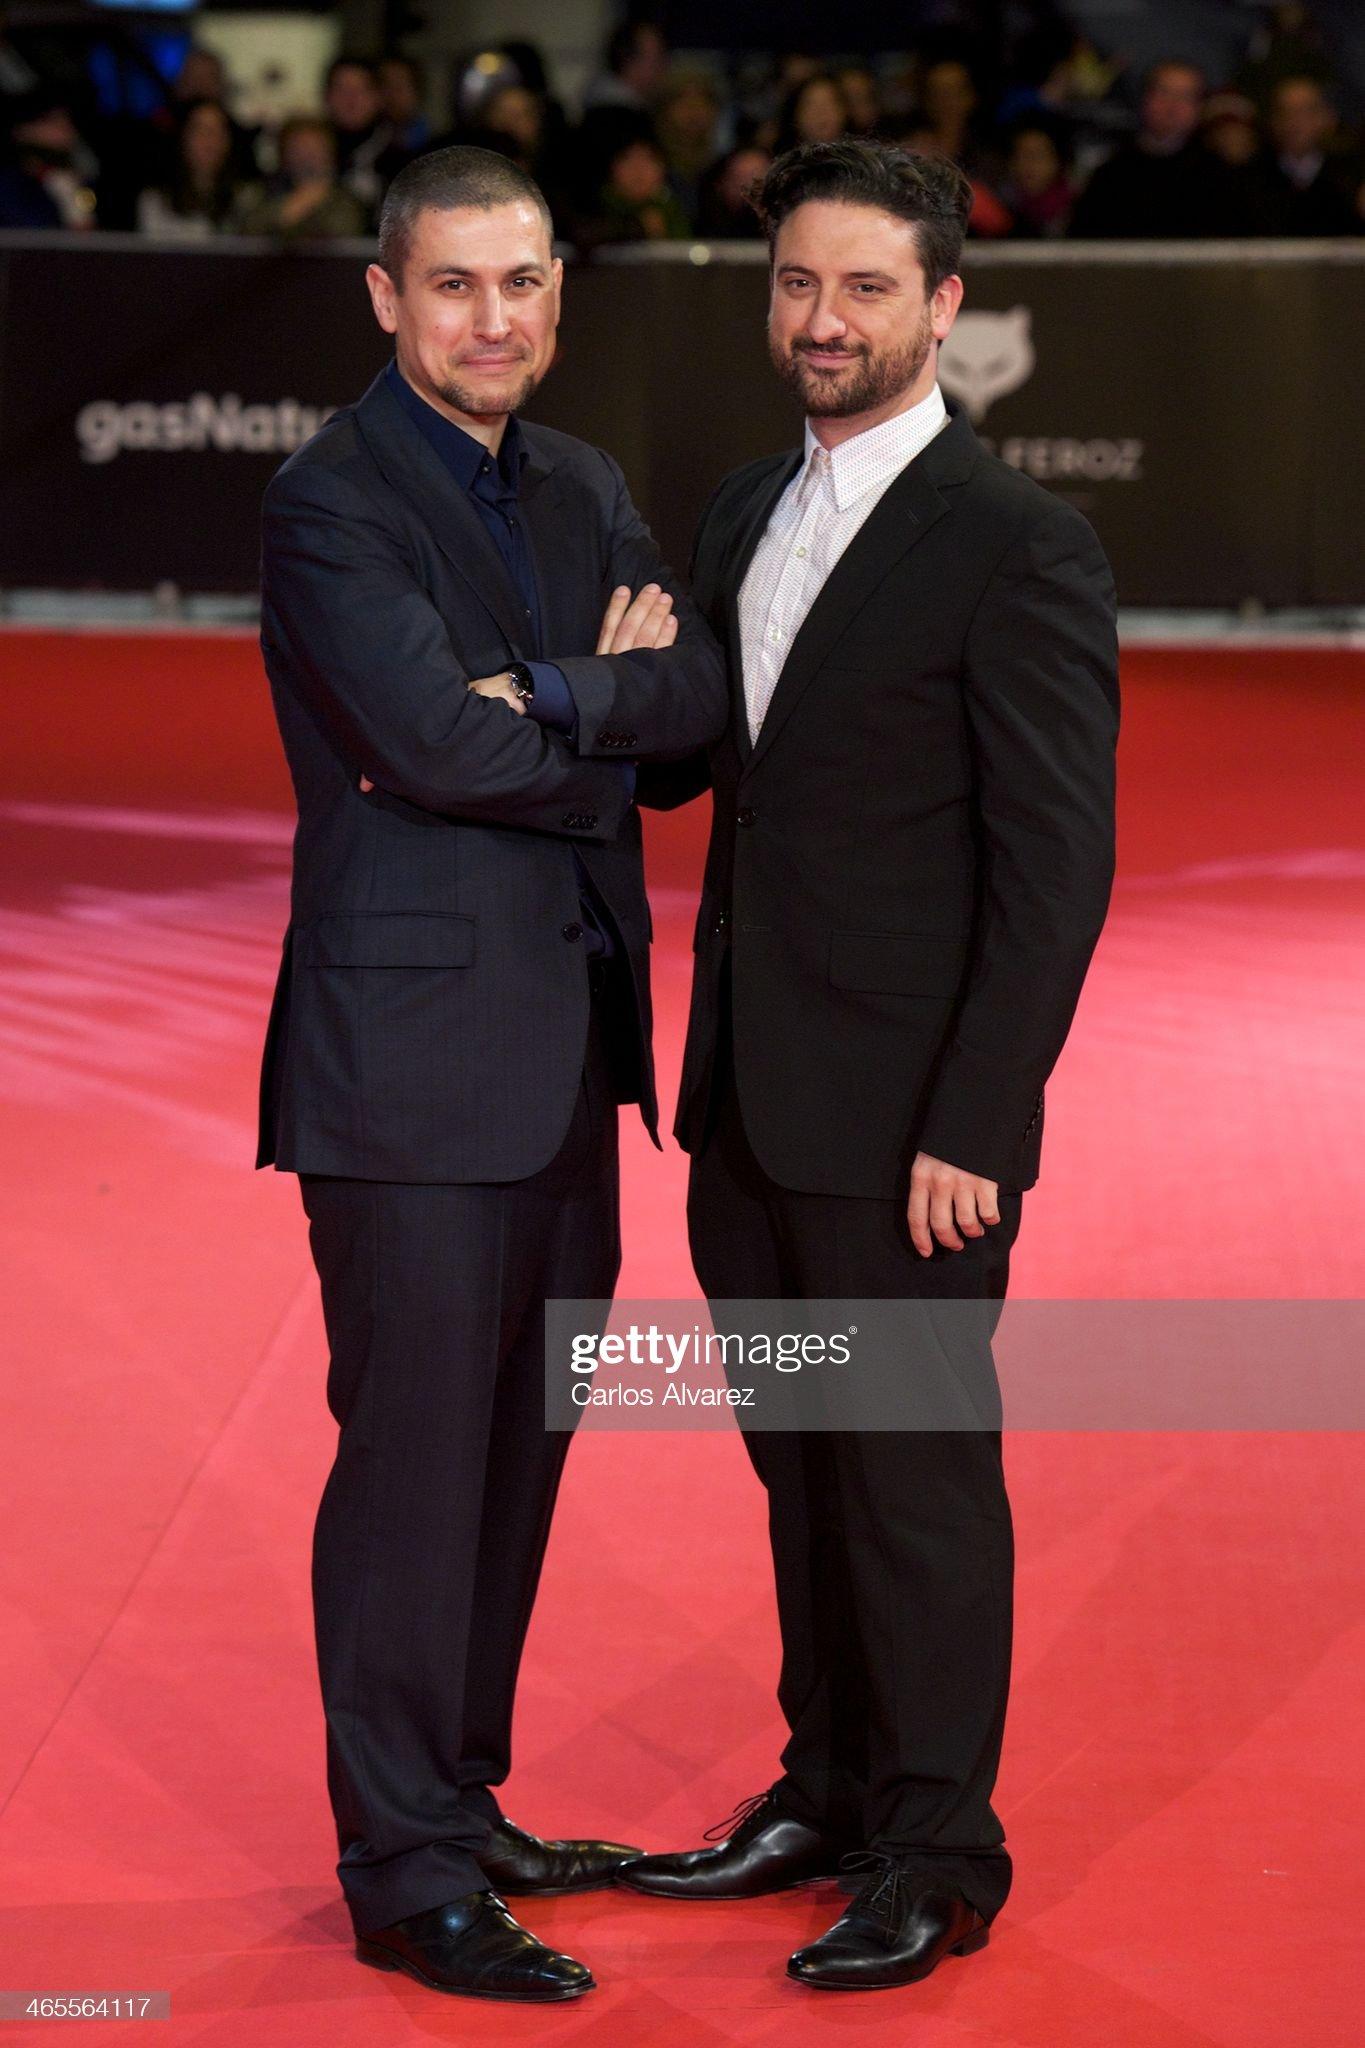 ¿Cuánto mide Rodrigo Cortés? - Altura Spanish-directors-rodrigo-cortes-and-eugenio-mira-attend-the-feroz-picture-id465564117?s=2048x2048